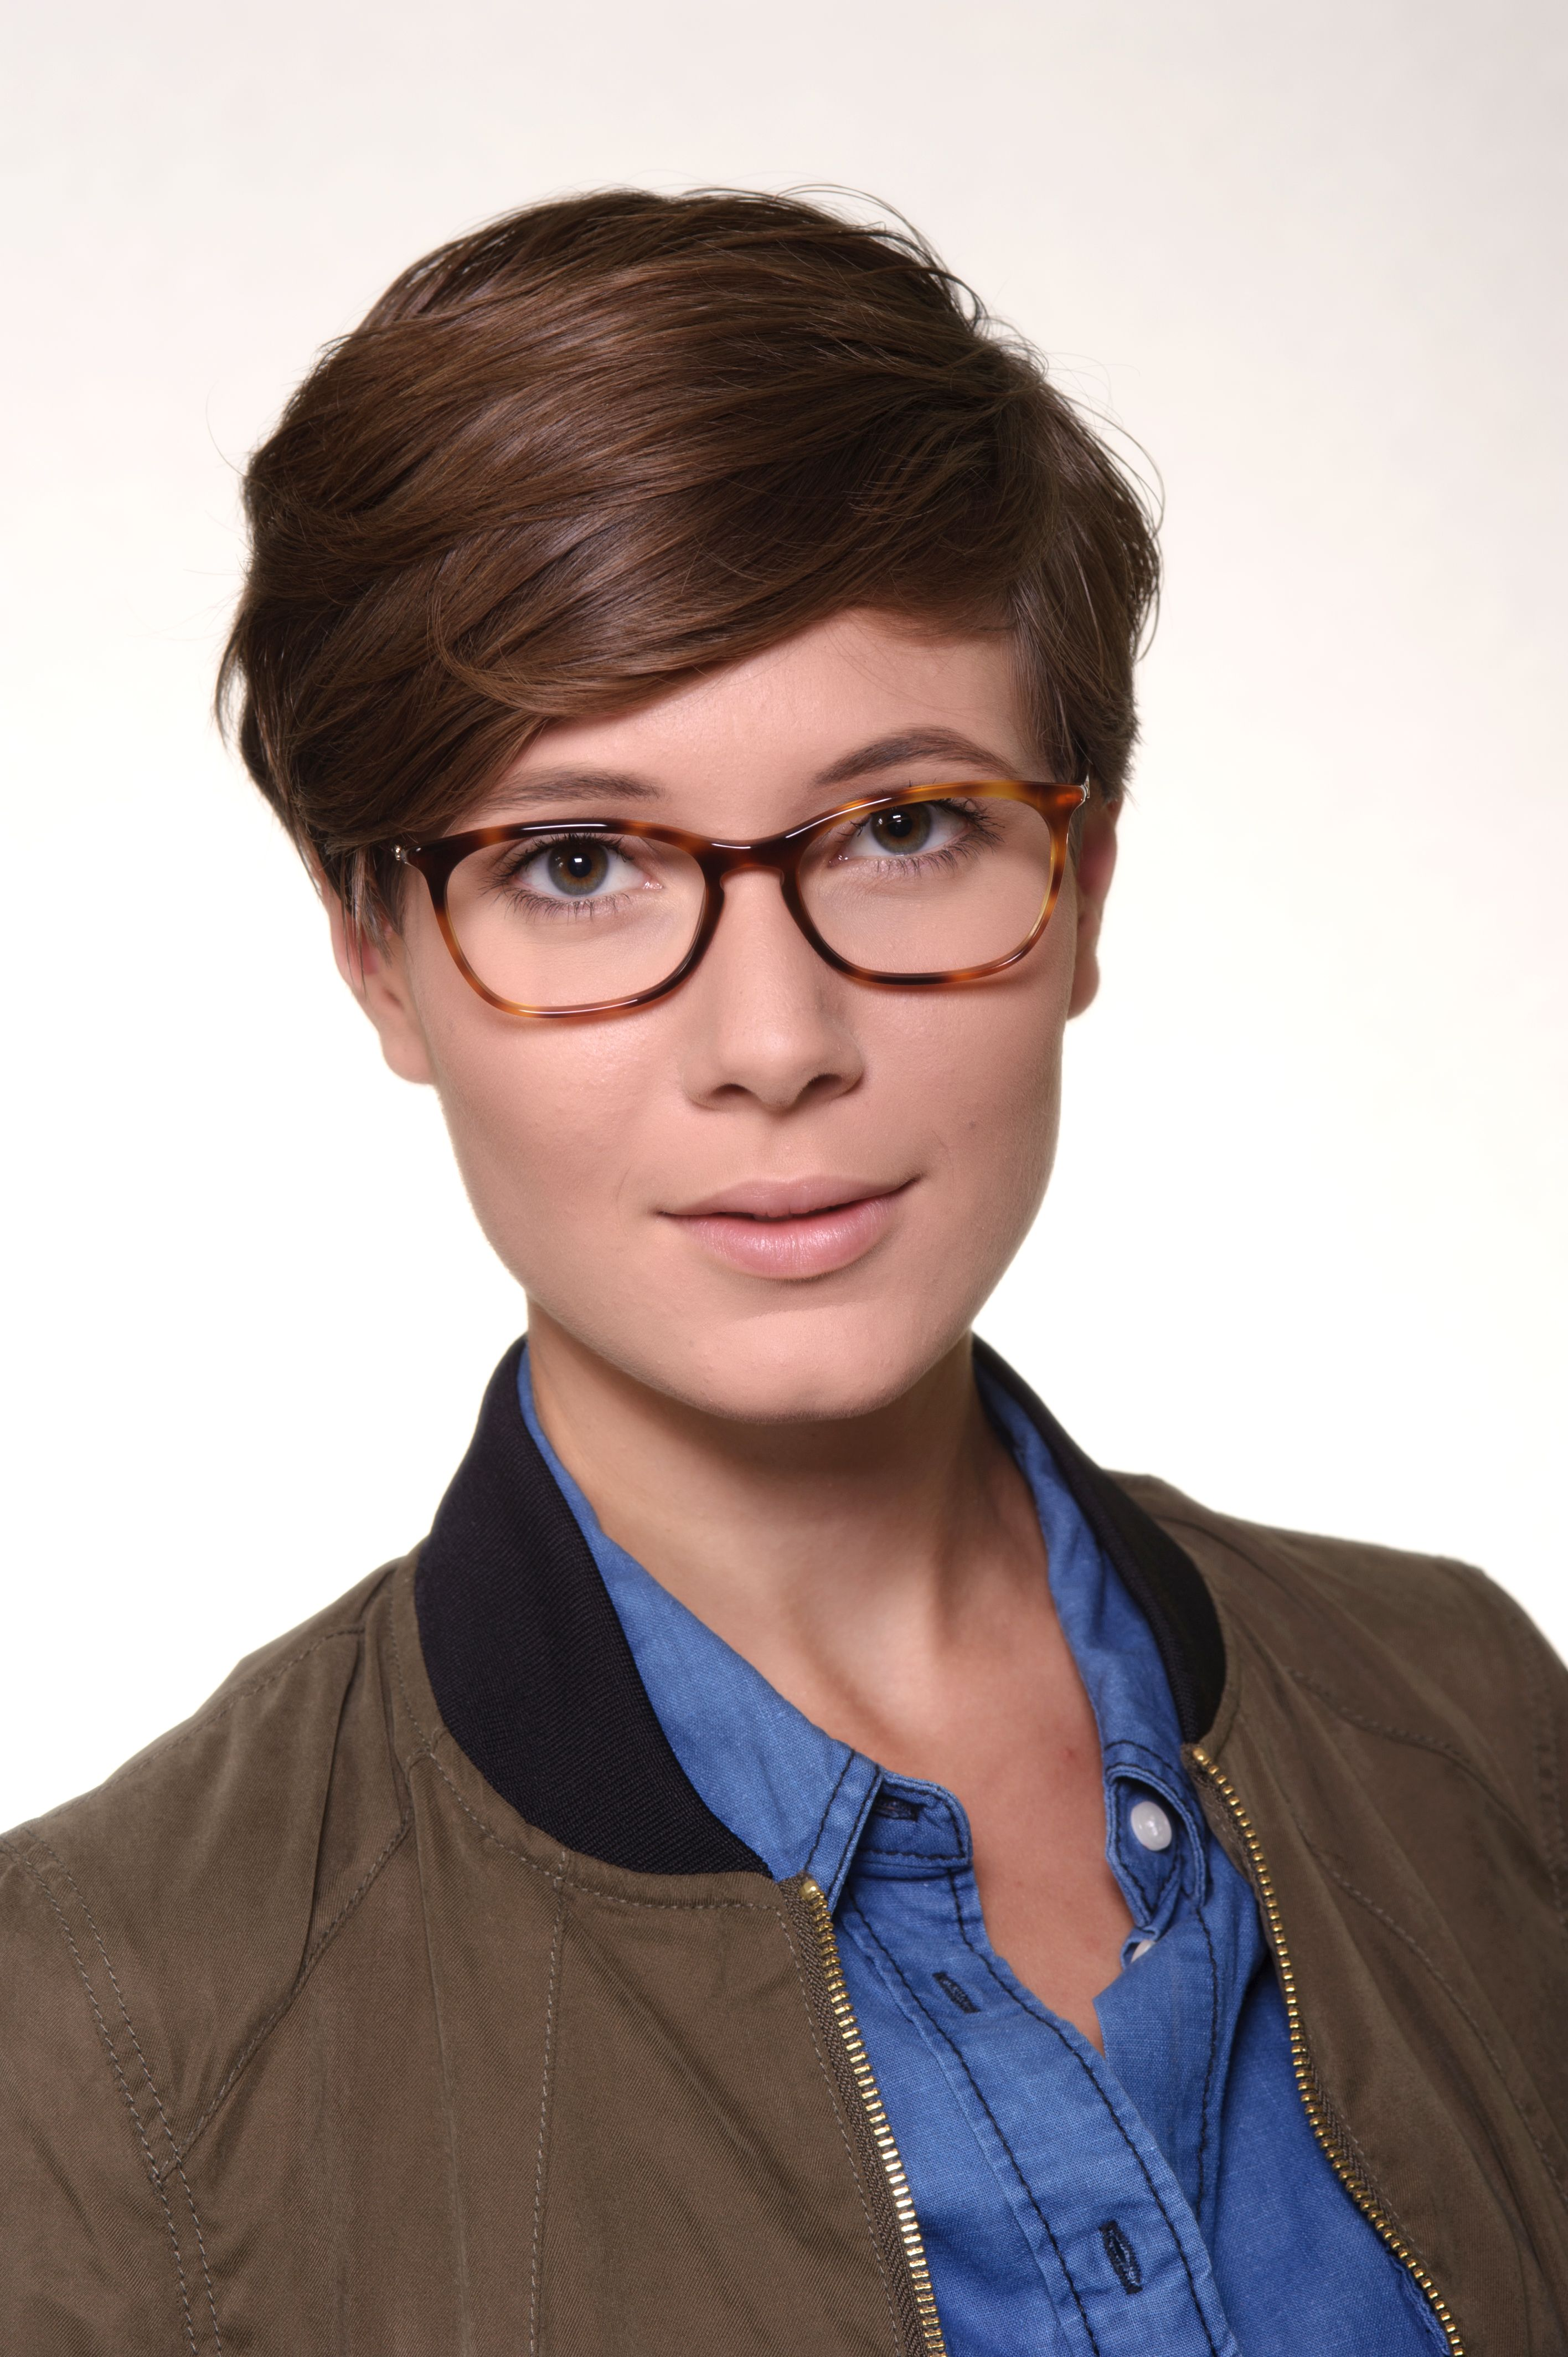 af7c4c3b34 Chanel Designerbrille 3281 1295  Auffällig und schlicht zugleich ...